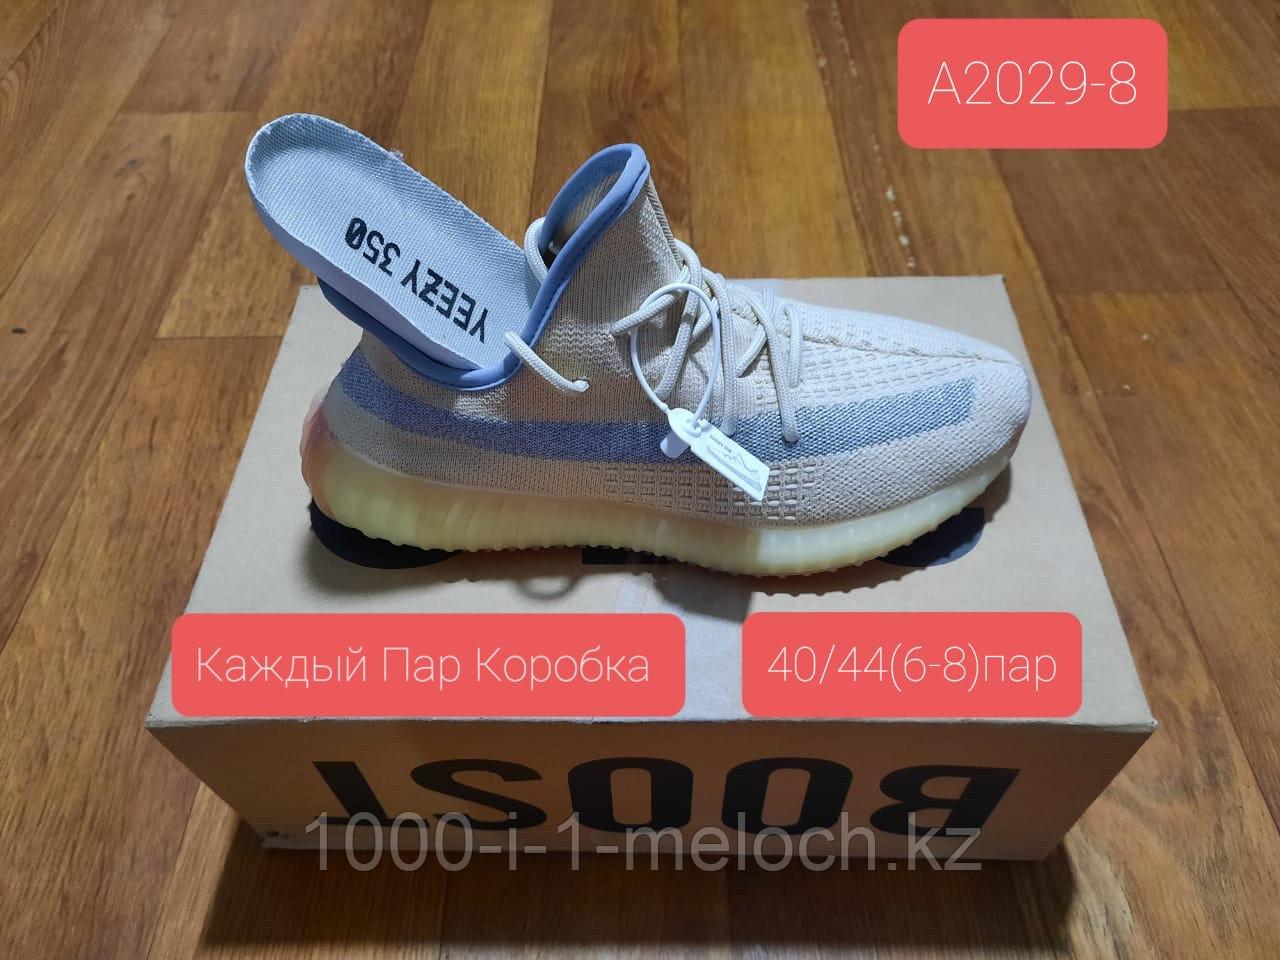 Кросовки Yeezy Boost 350 V2 (унисекс) размер от 39 до 44 - фото 10